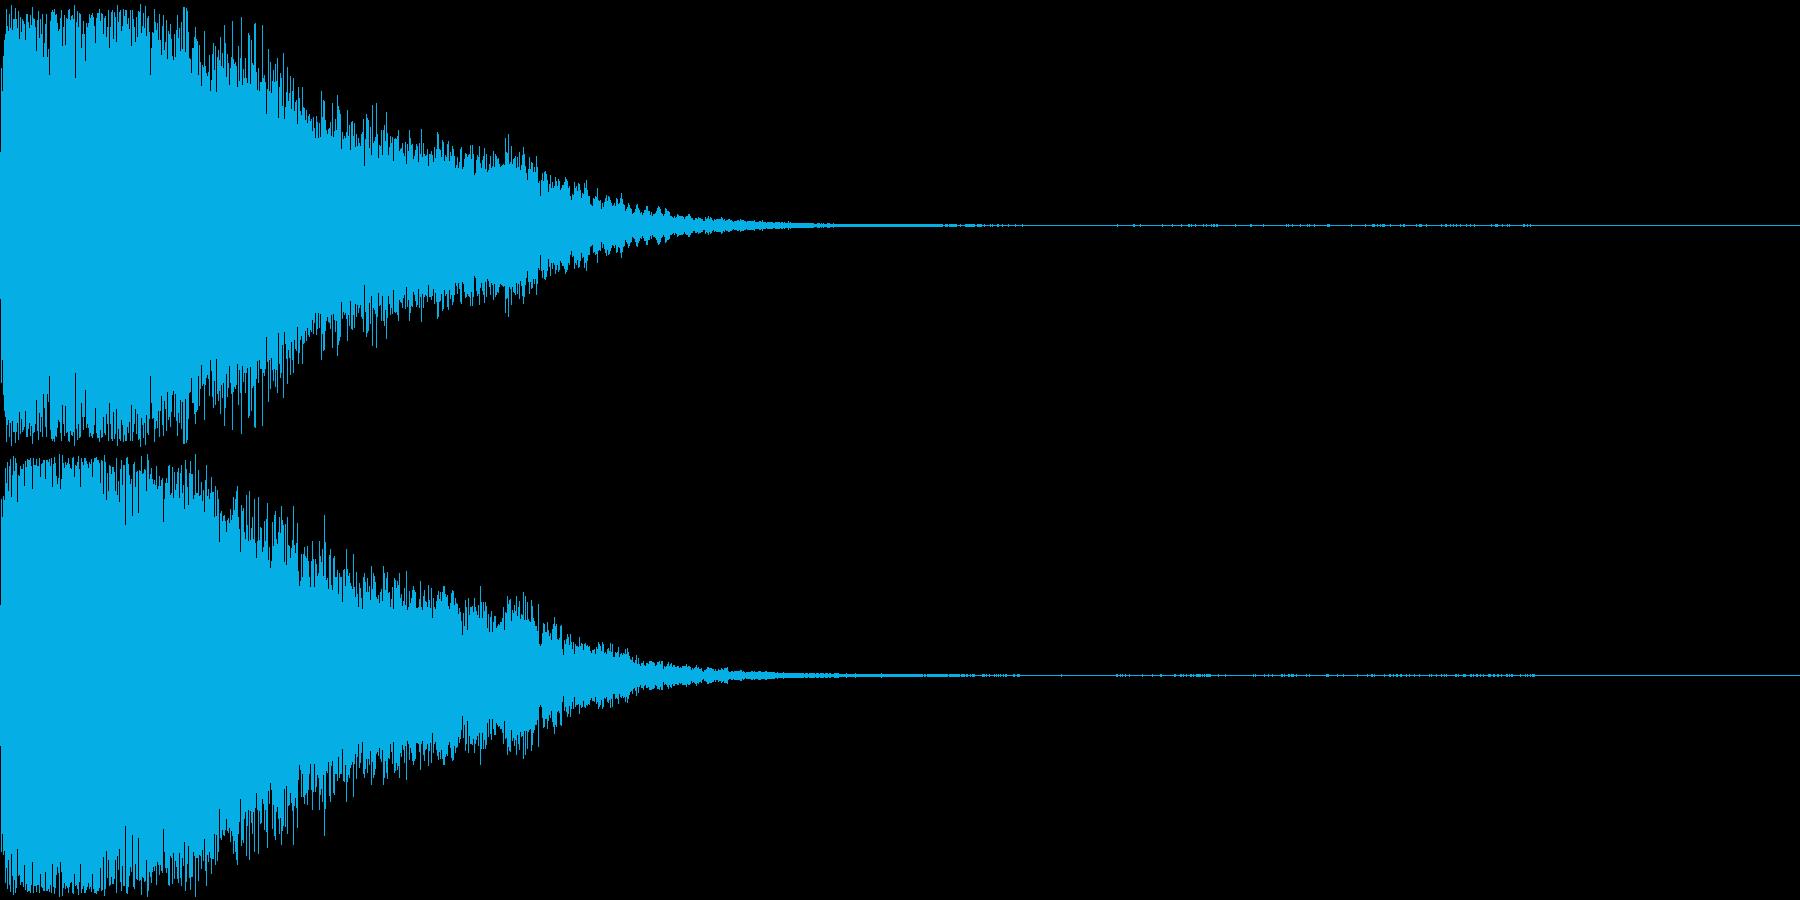 刀 剣 ソード カキーン キュイーン03の再生済みの波形